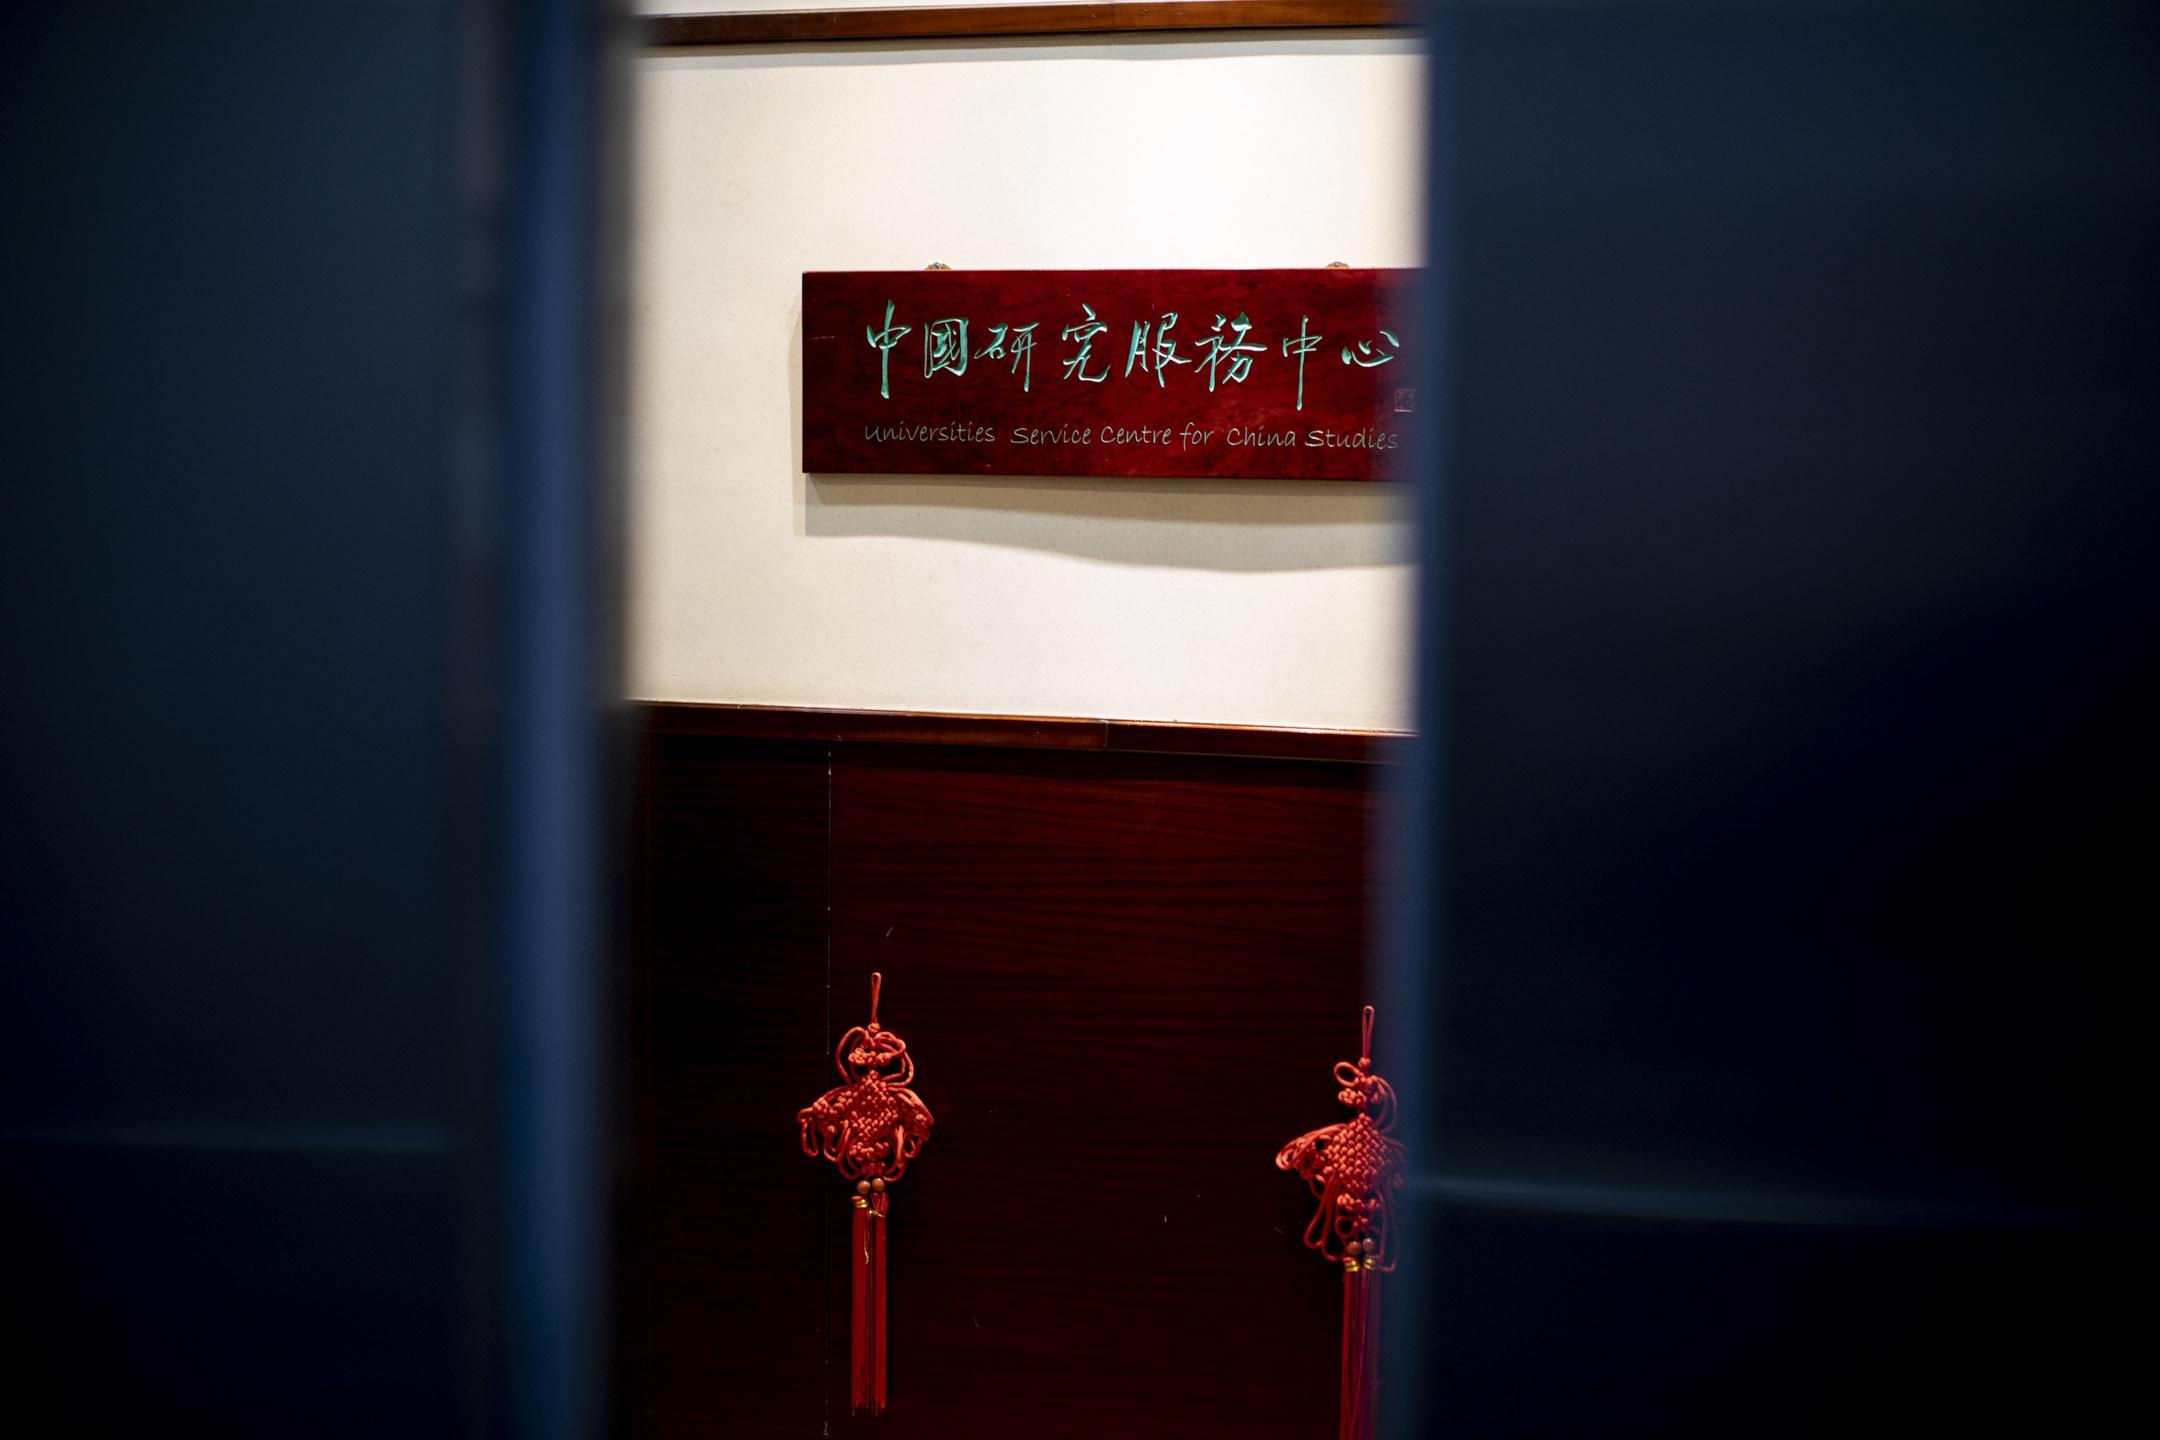 位于中大田家炳楼八楼的中国研究服务中心。